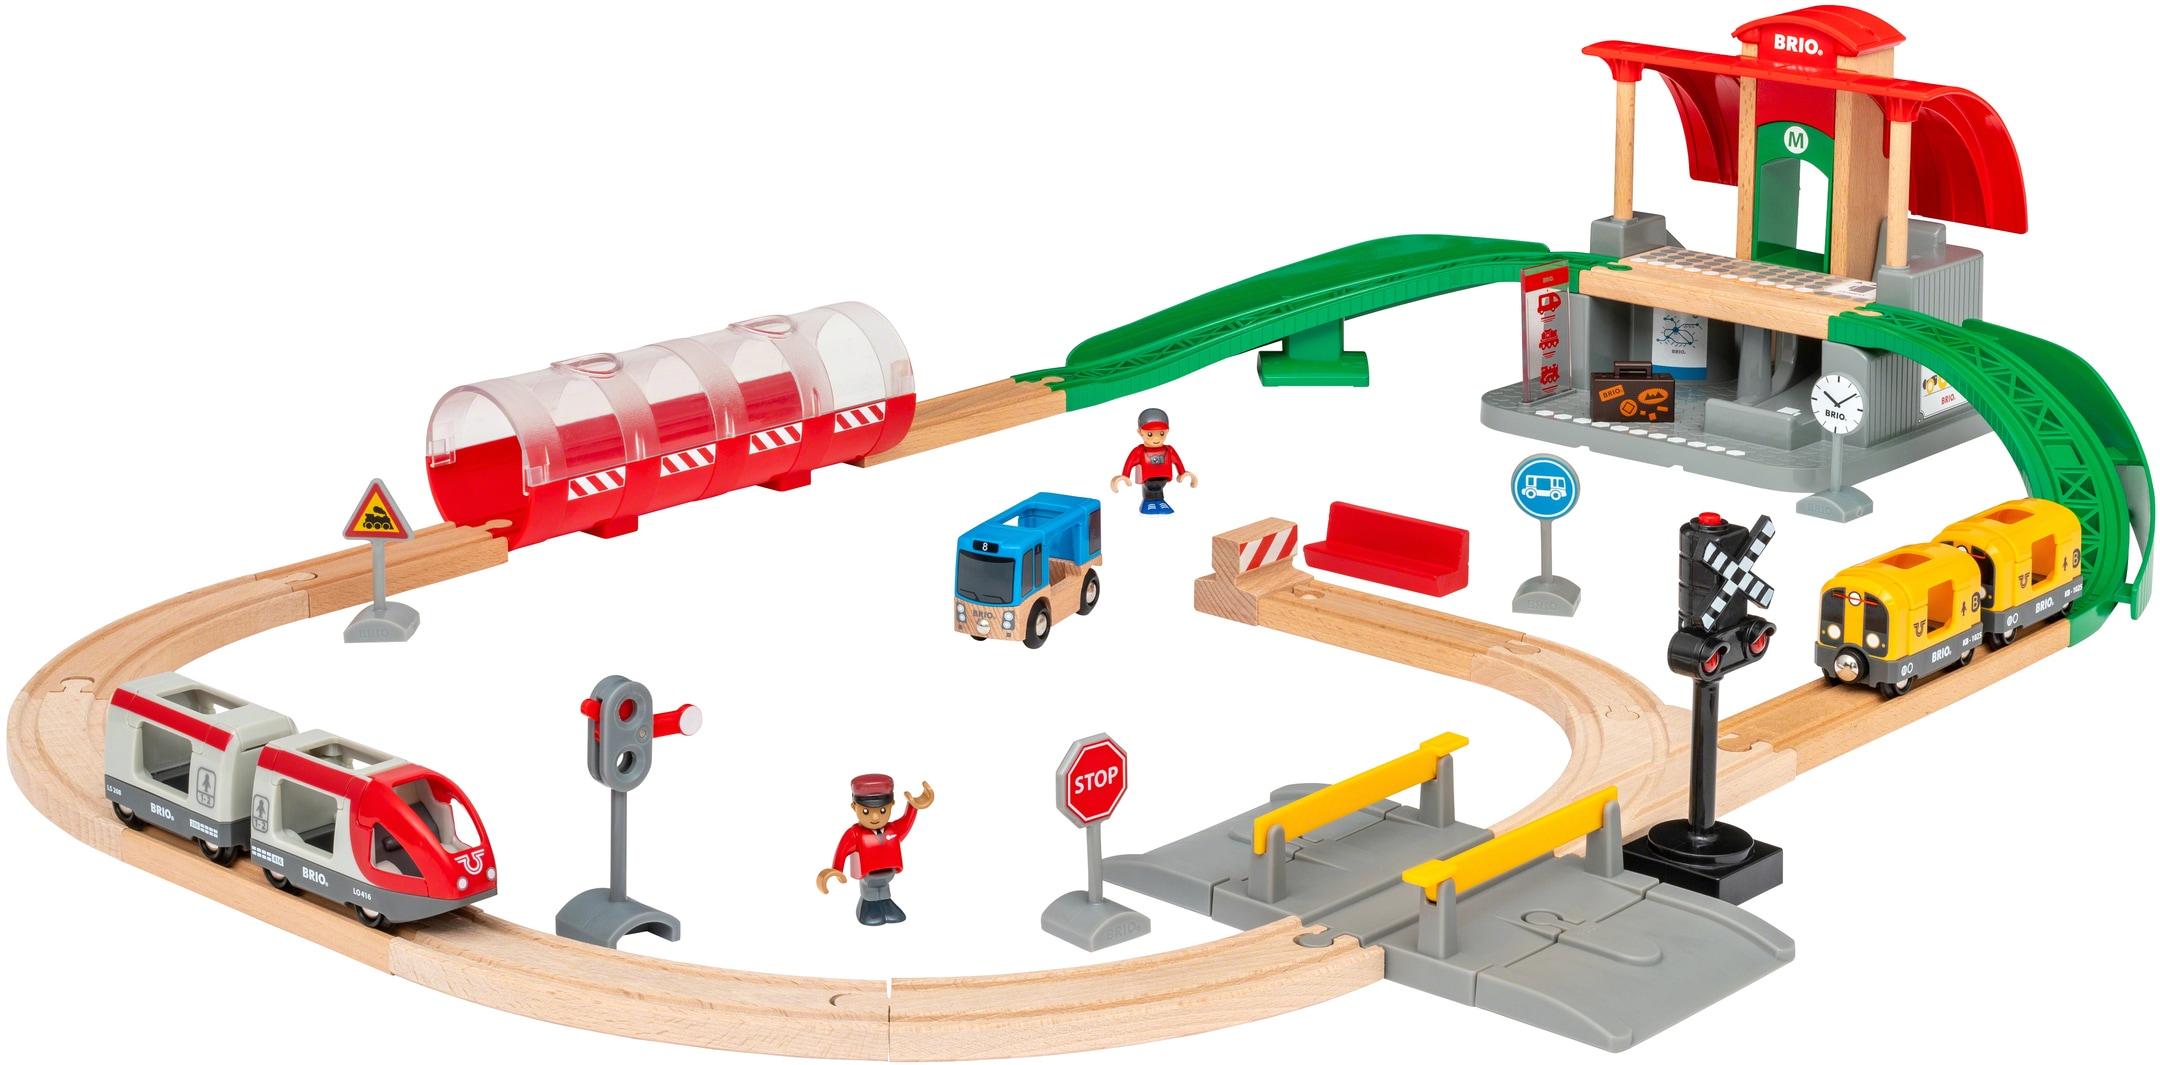 BRIO Spielzeug-Eisenbahn Großes City Bahnhof Set, mit Soundeffekten bunt Kinder Kindereisenbahnen Autos, Eisenbahn Modellbau